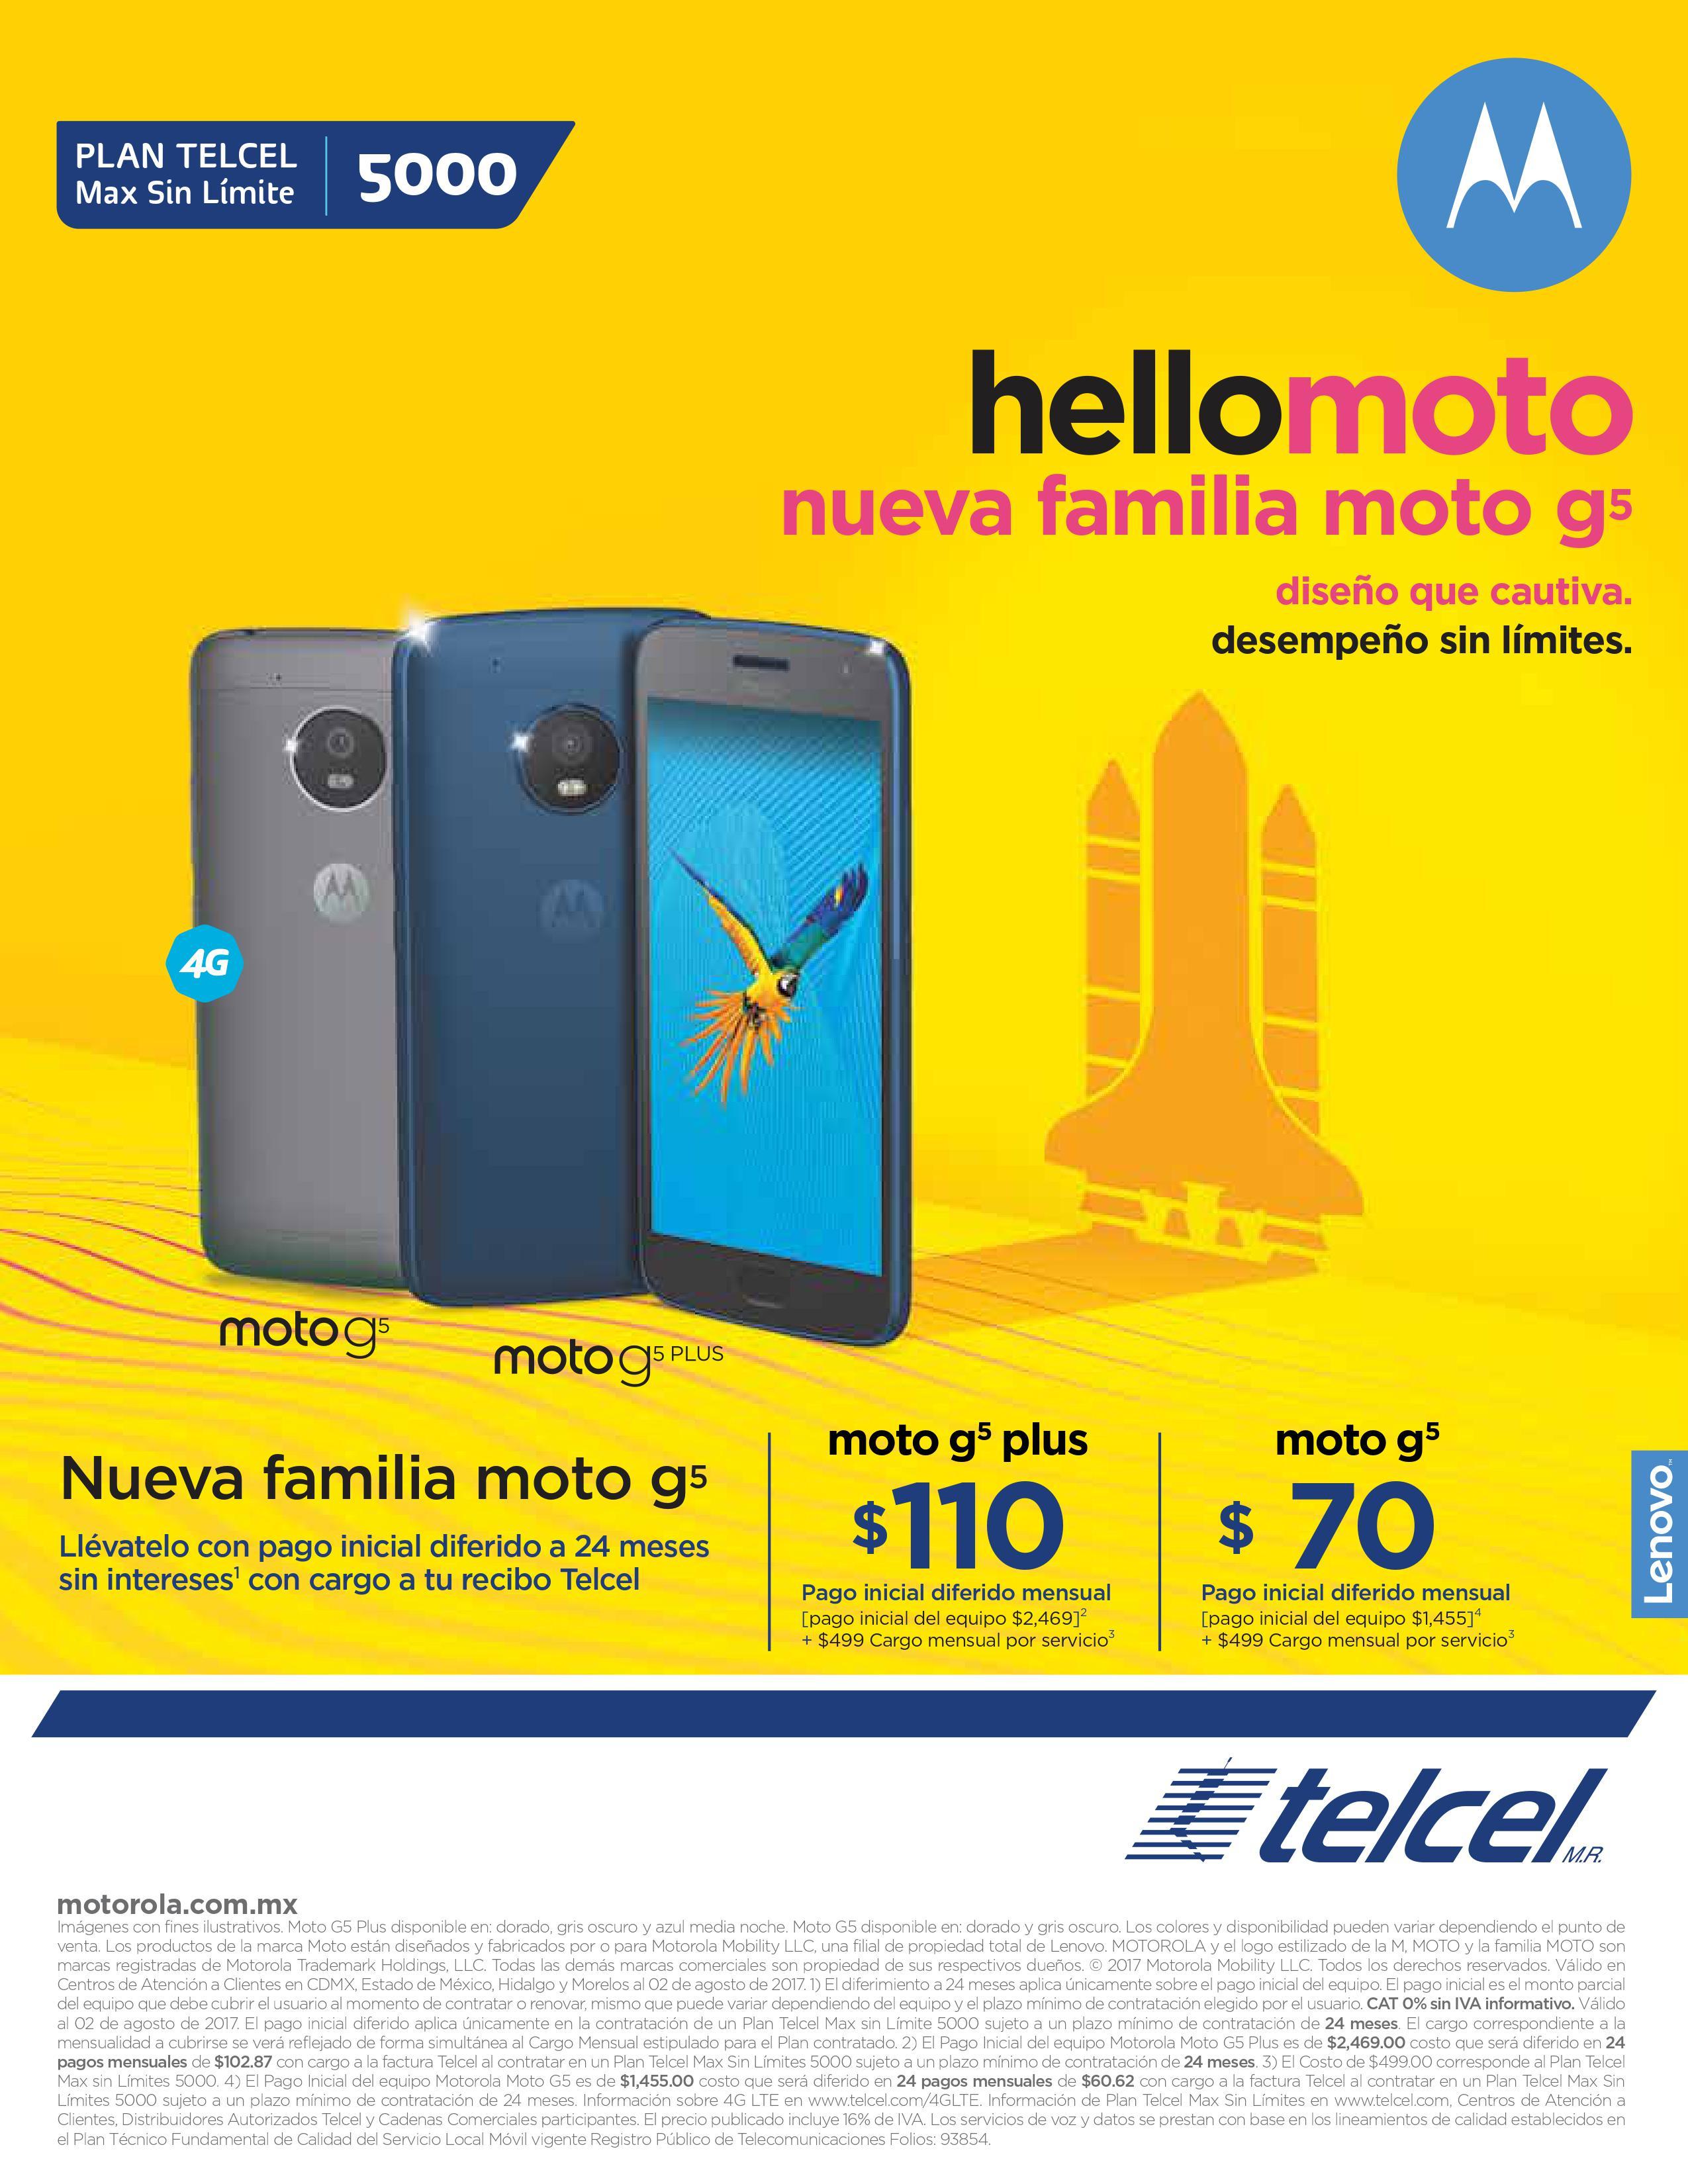 Motorola g5 y g5 plus en telcel Max Sin Límite 5000 y diferencia de equipo a MSI al contratar a 24 meses